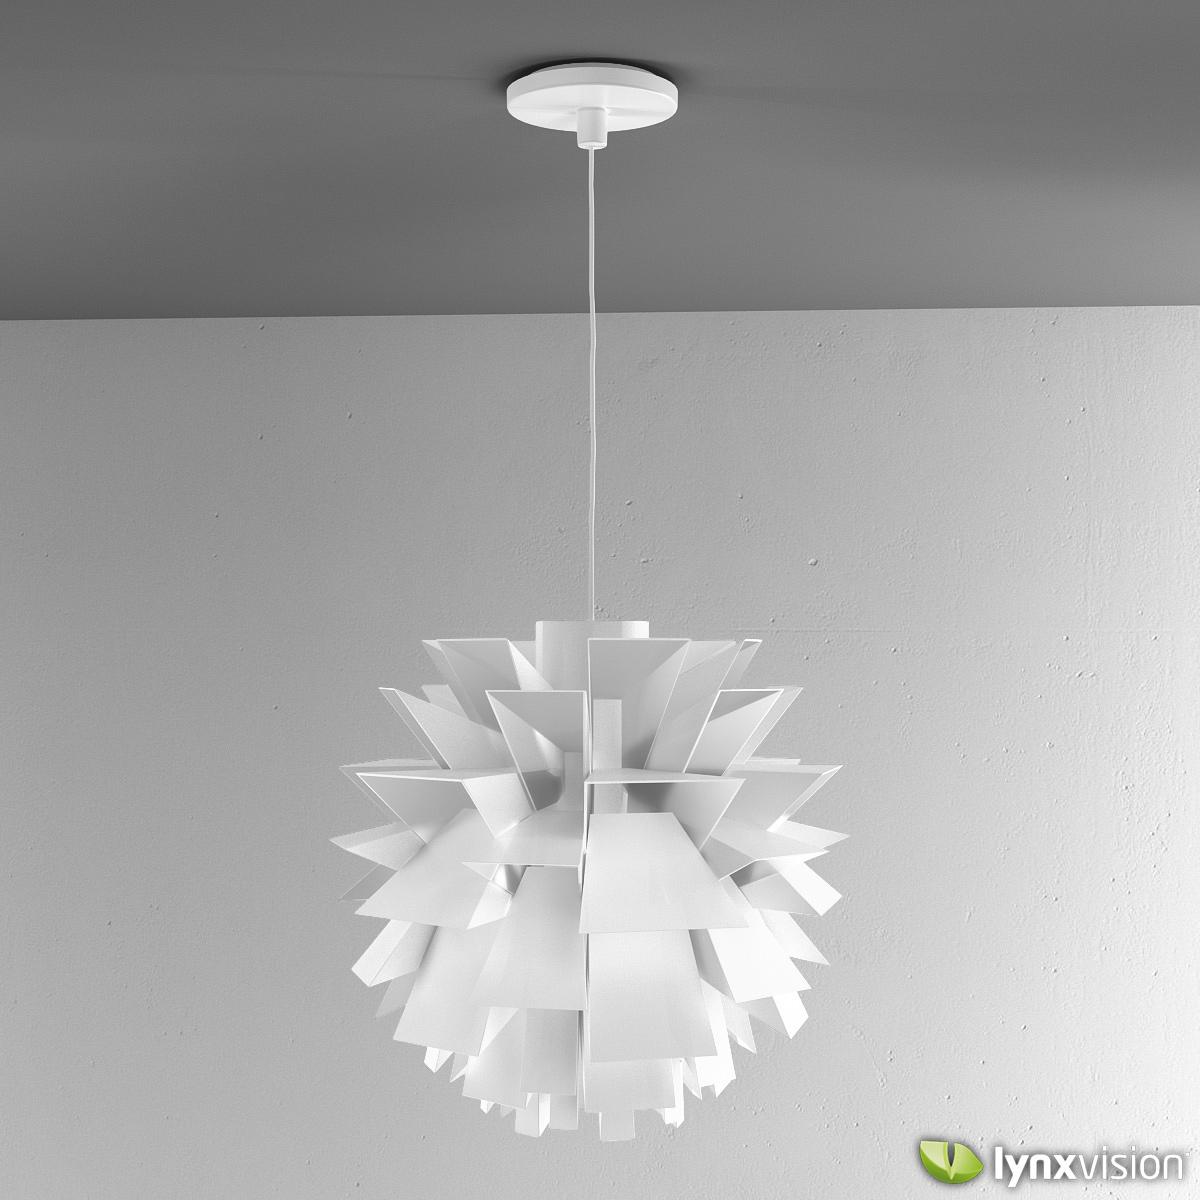 norm 69 pendant lamp 3d model max obj fbx mtl. Black Bedroom Furniture Sets. Home Design Ideas